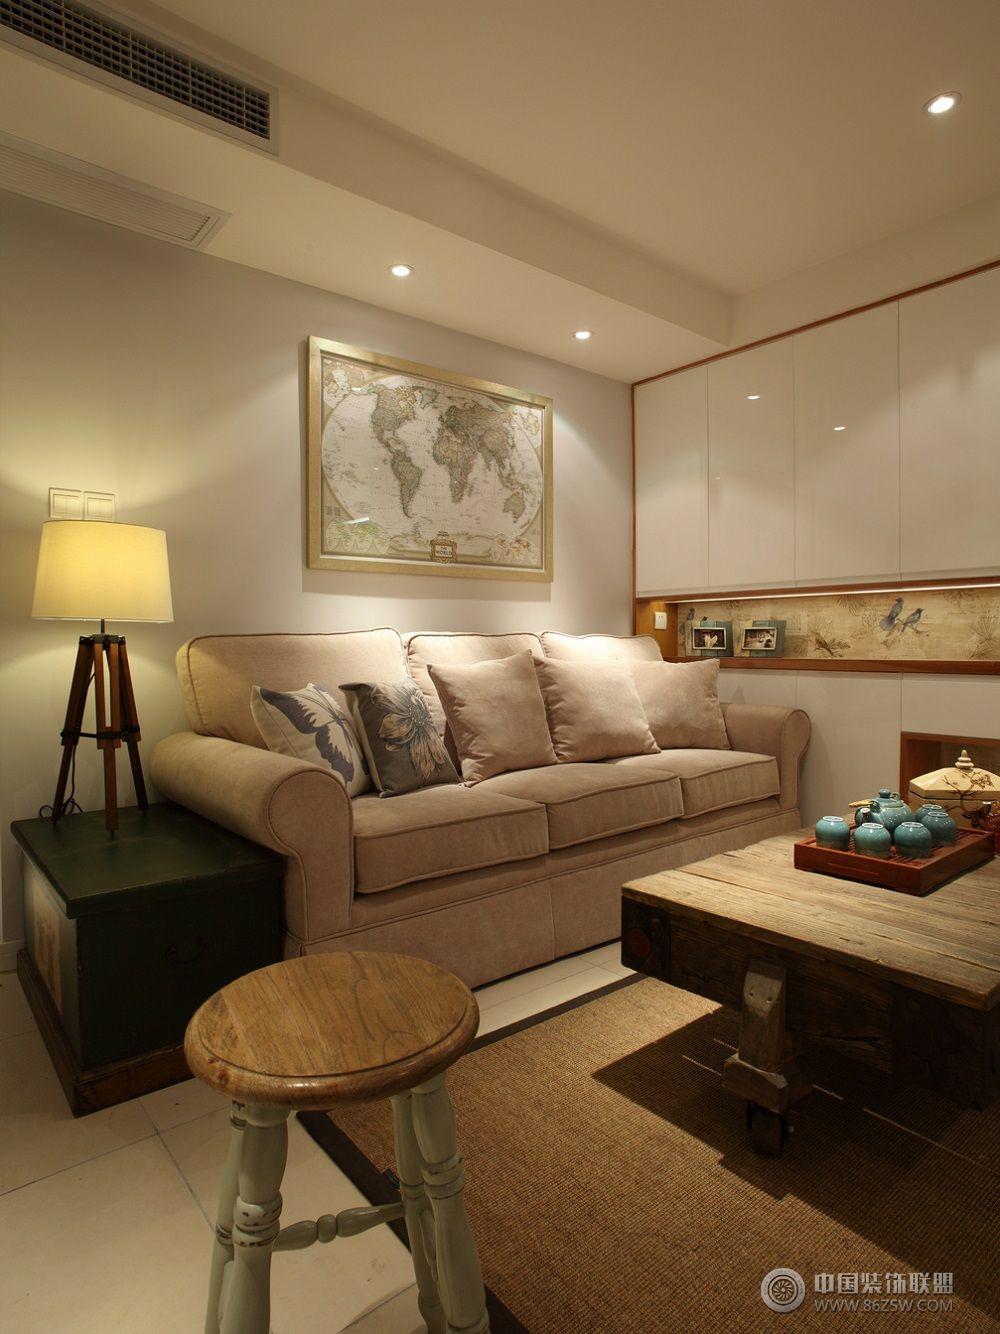 现代美式风格装修图美式客厅装修图片